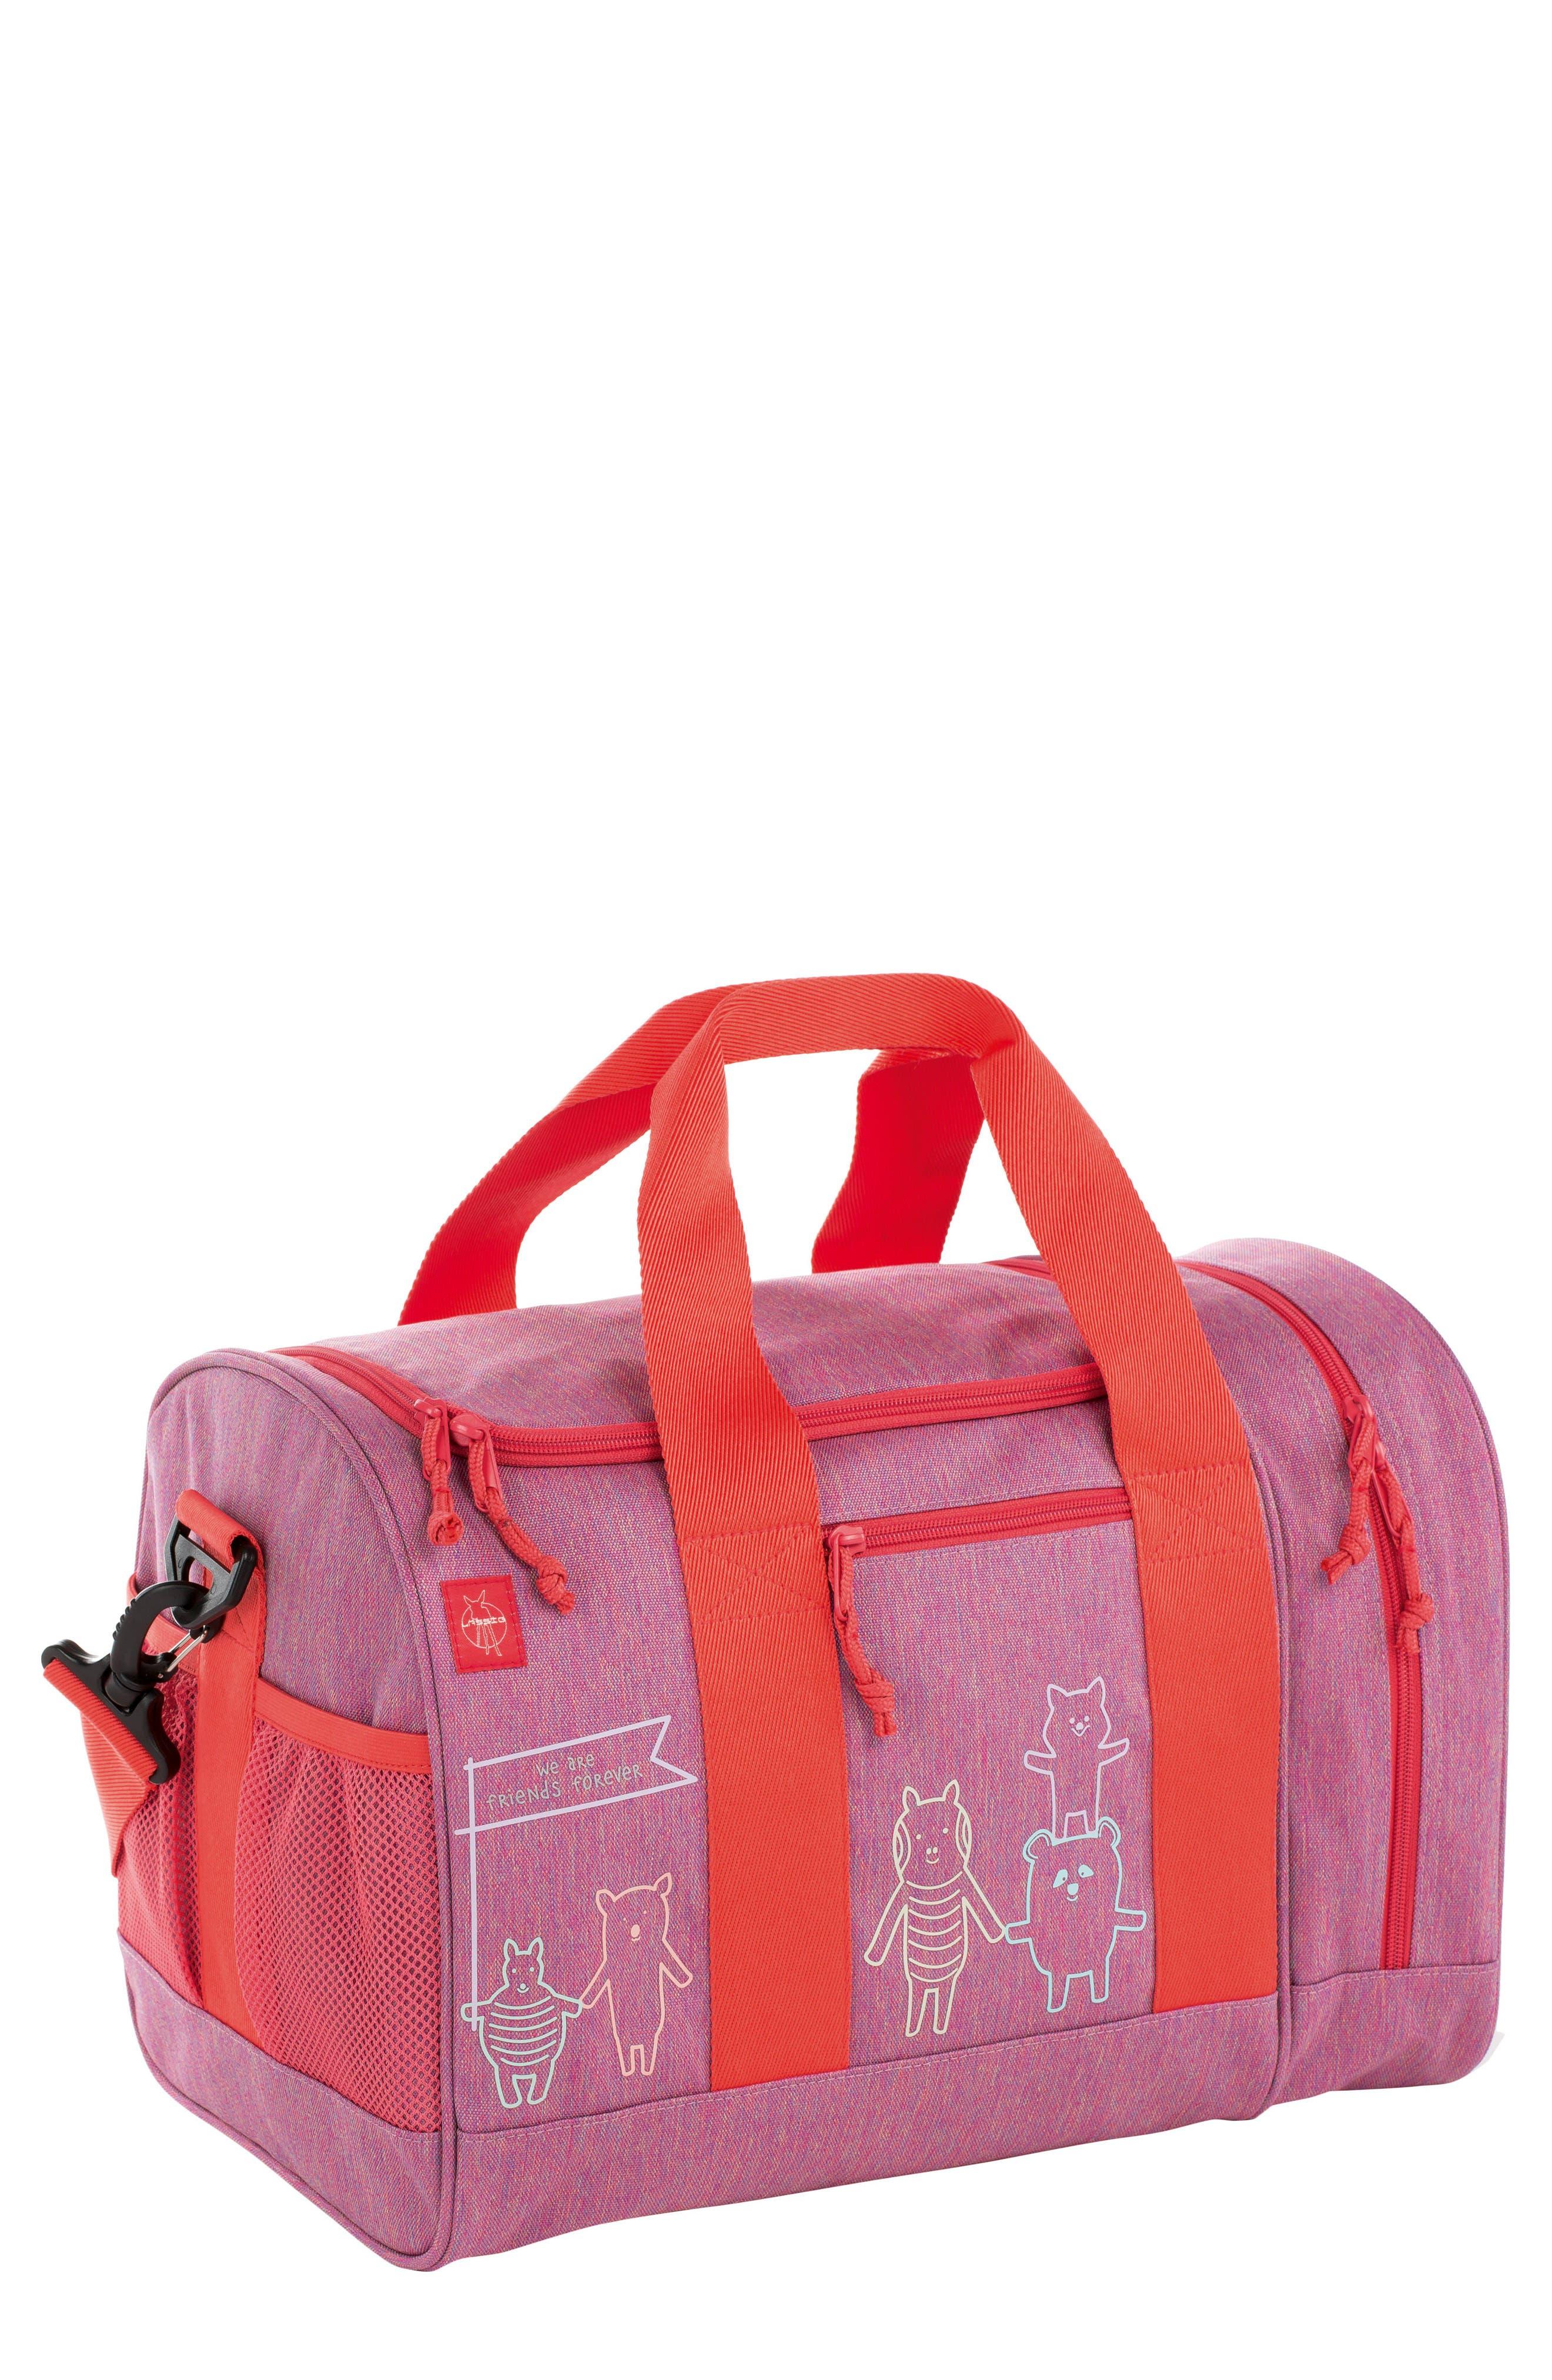 Lässig Mini About Friends Duffel Bag (Kids)